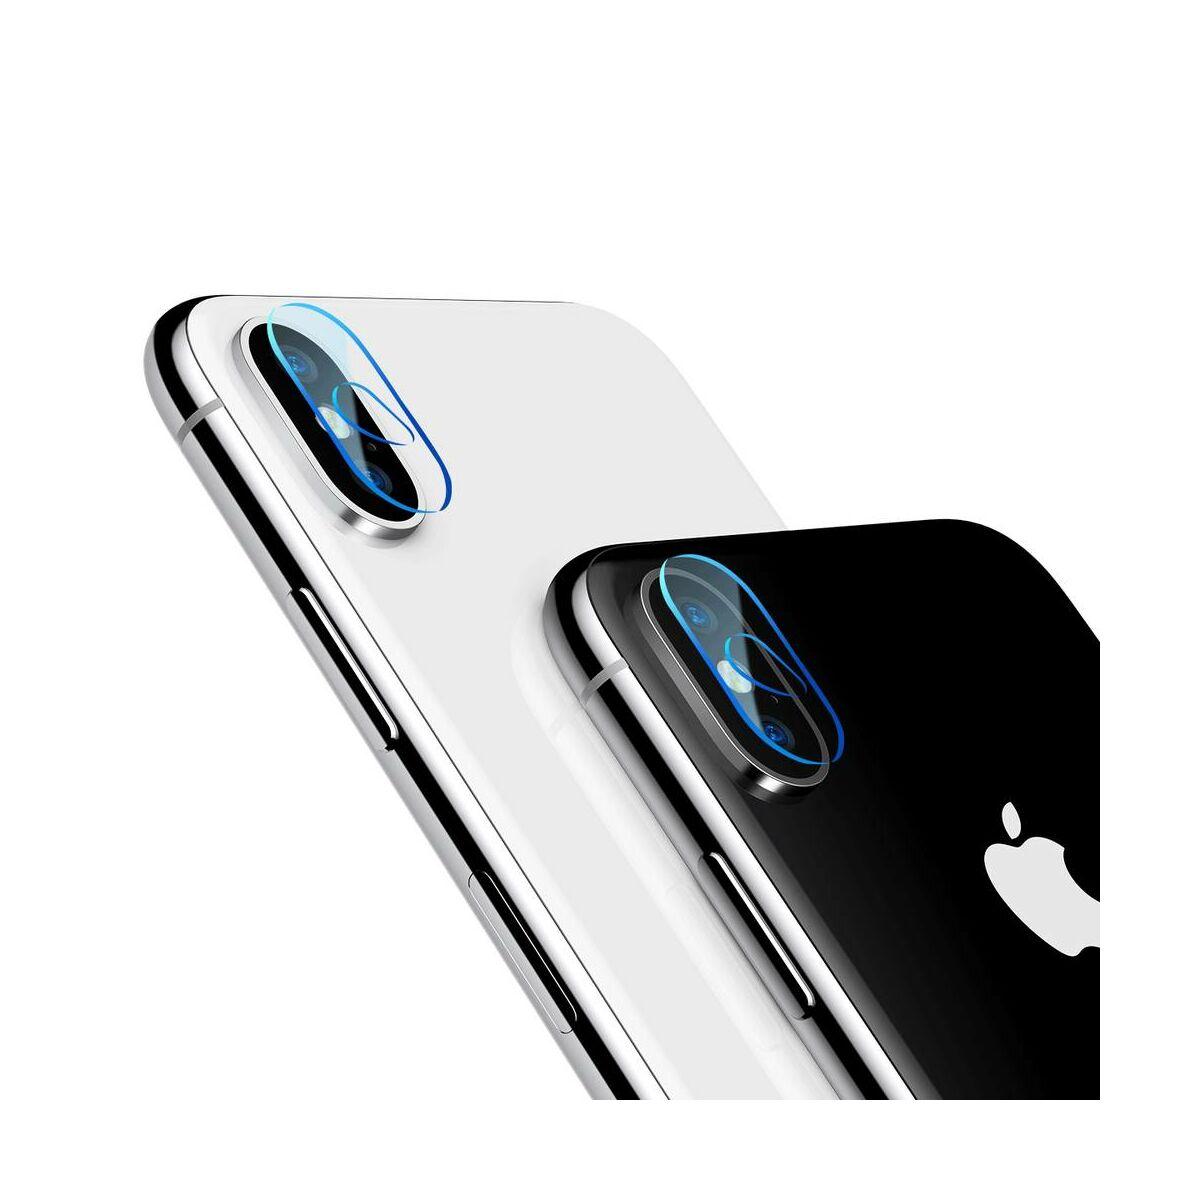 Baseus iPhone X/XS kamera lencse üveg fólia 0.2 mm, átlátszó (SGAPIPHX-AJT02)